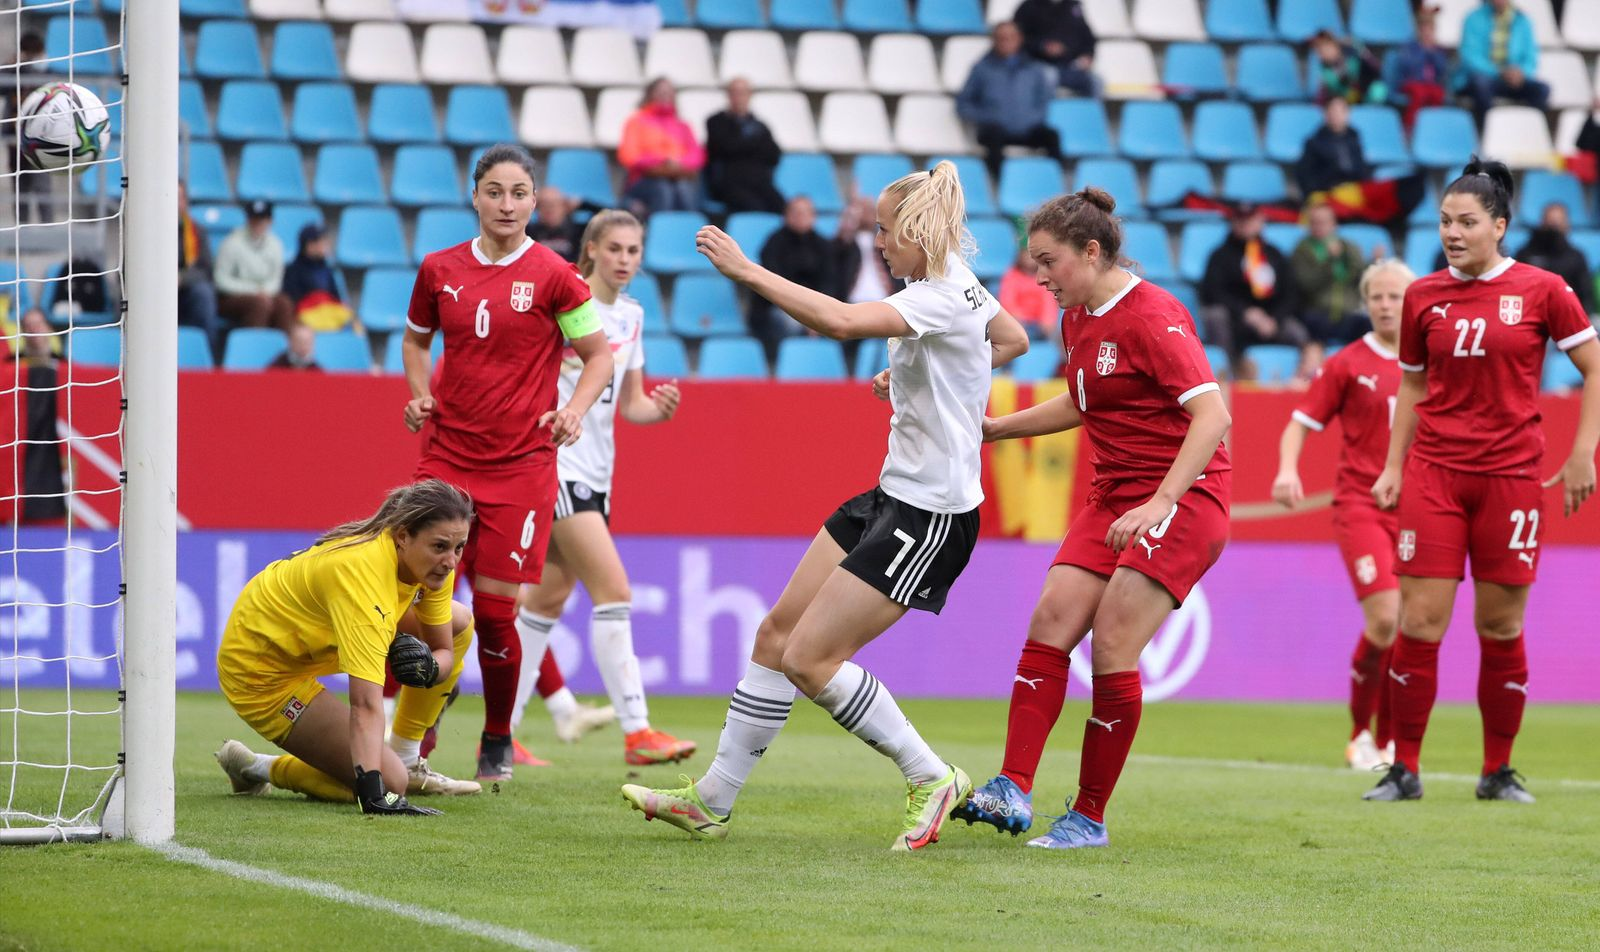 Deutschland - Serbien / 21.09.2021 Chemnitz, 21.09.2021, Stadion an der Gellertstrasse, Fussball, Frauen Länderspiel ,